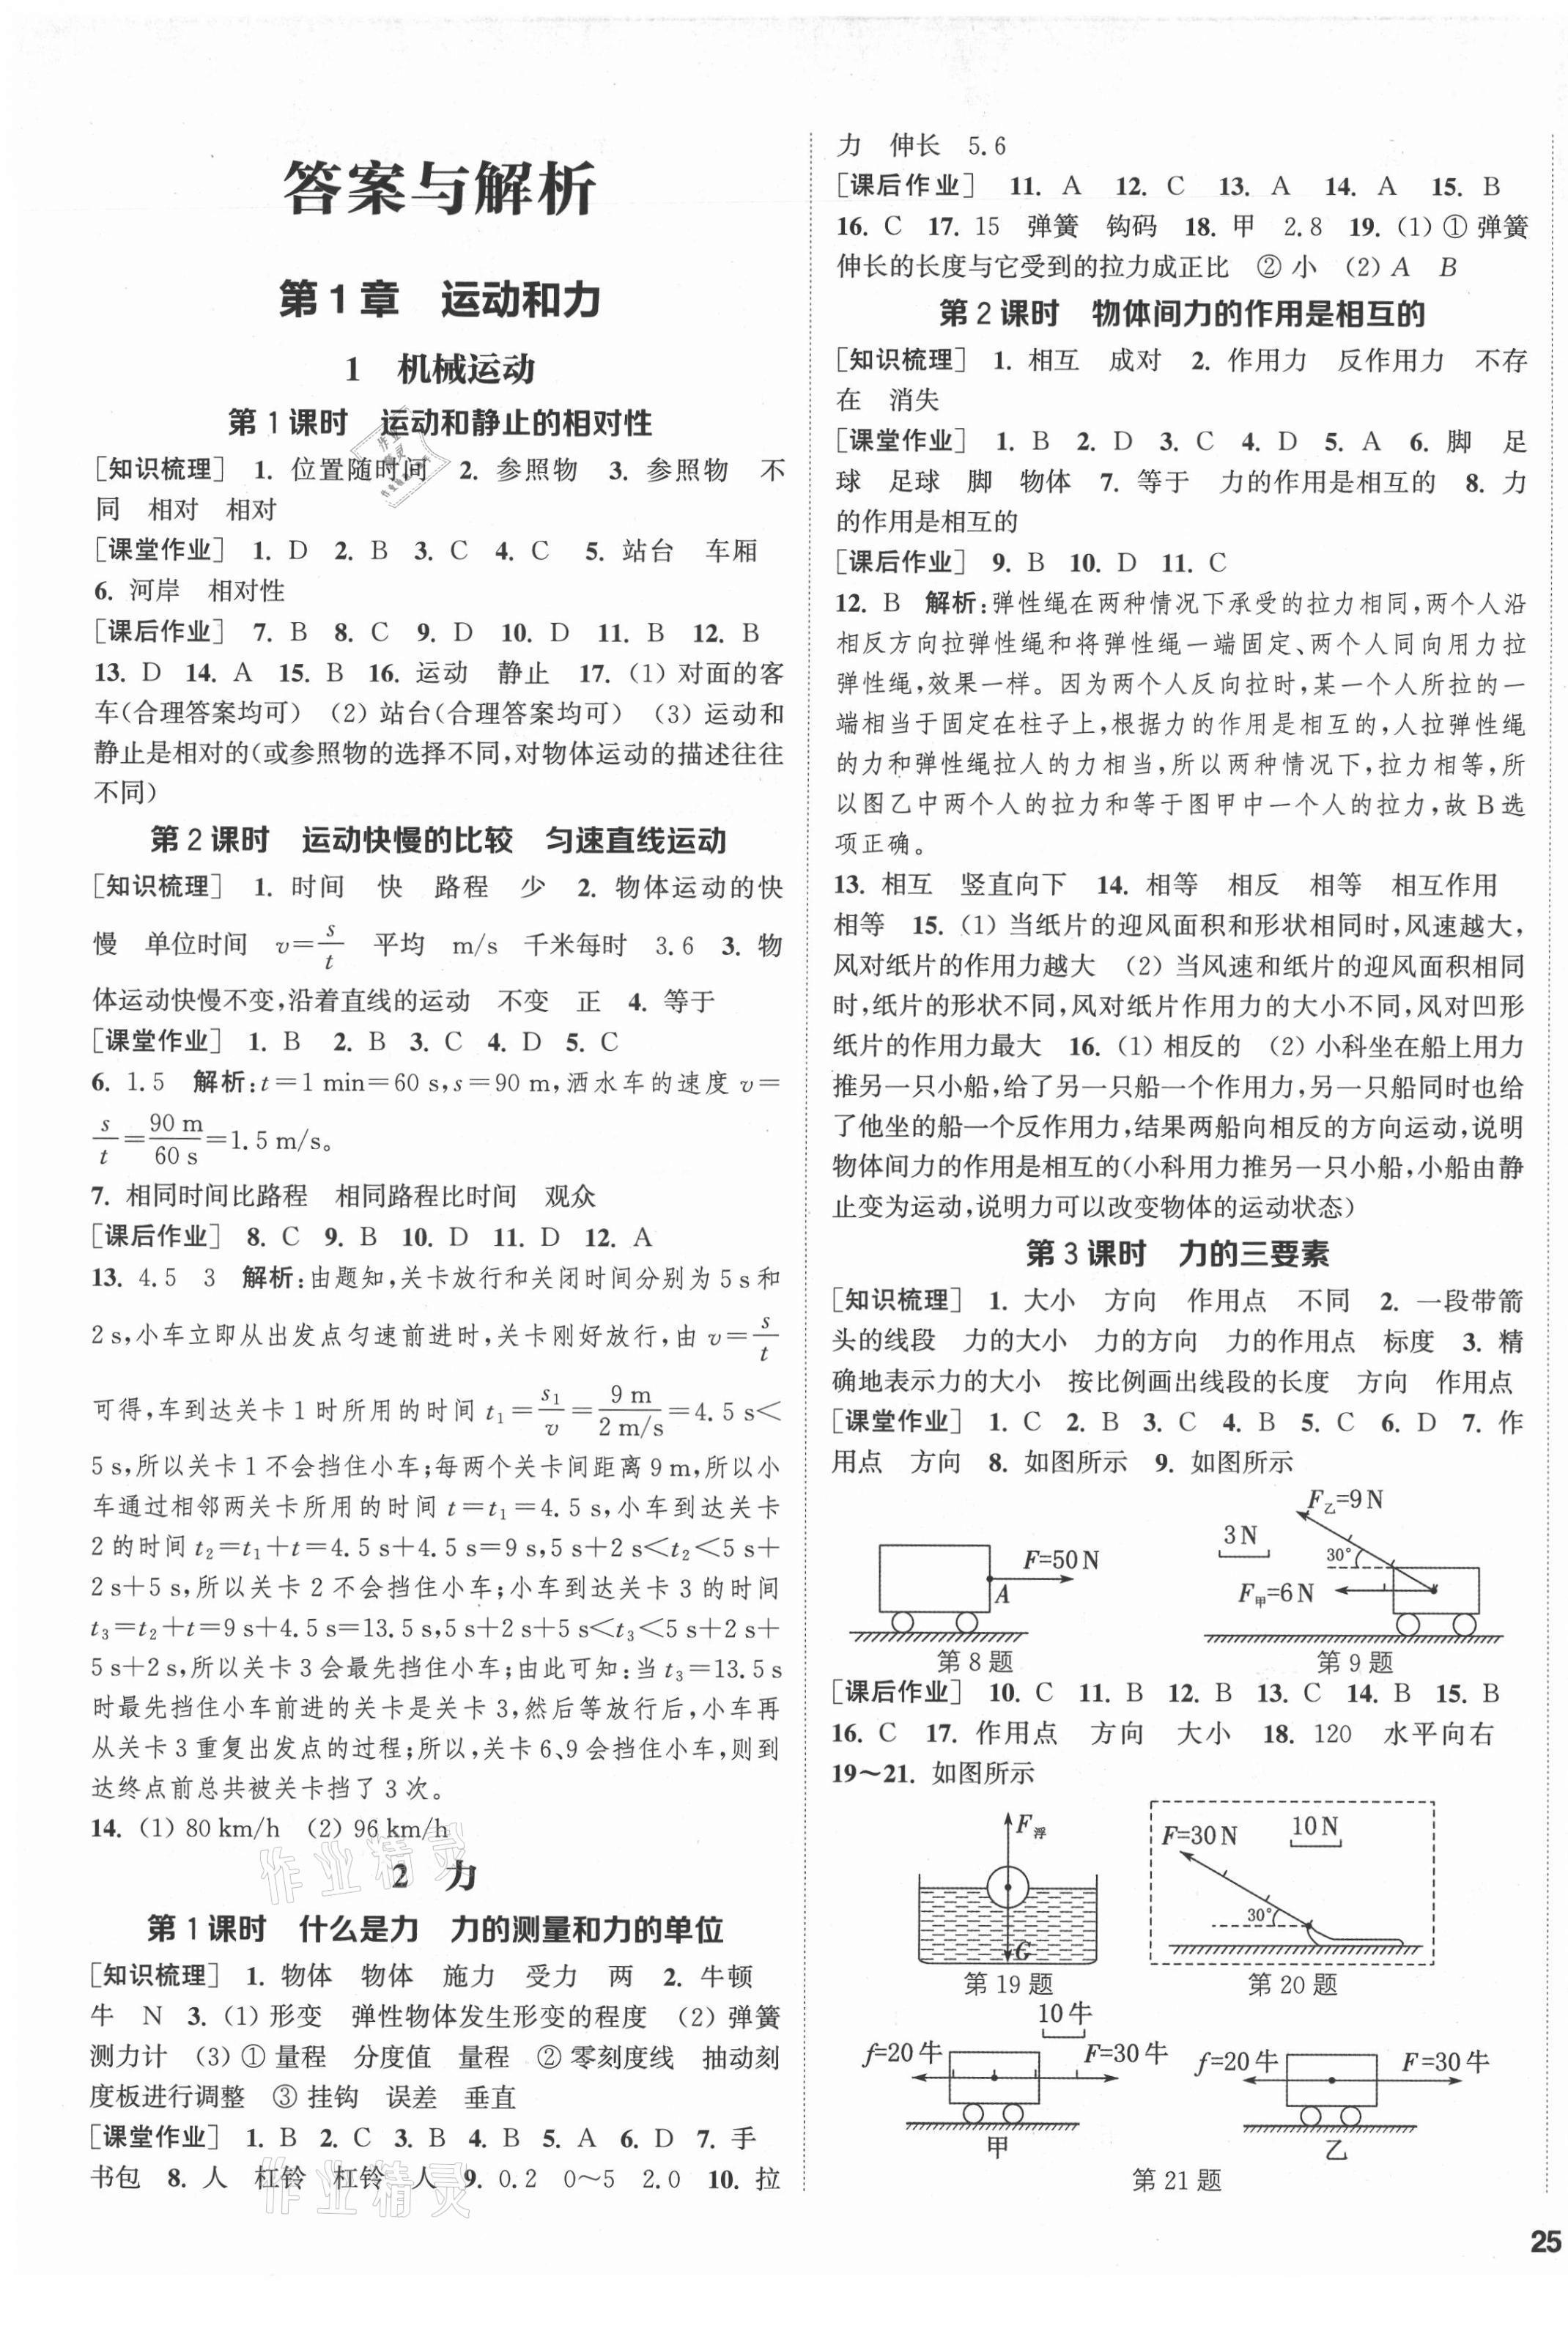 2021年通城学典课时作业本八年级科学上册华师大版第1页